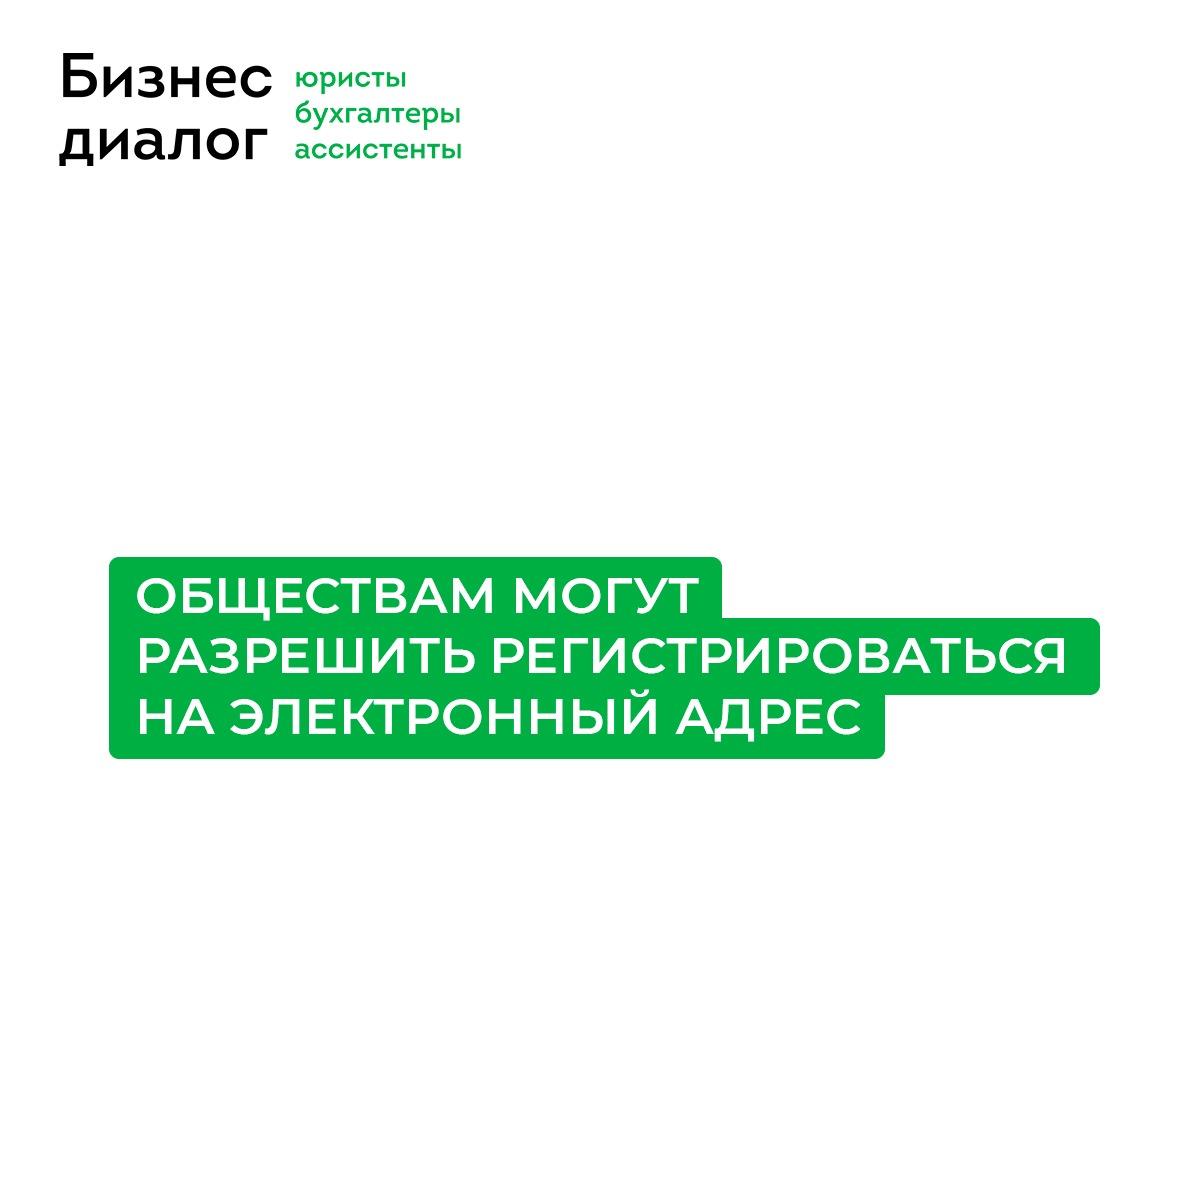 Обществам могут разрешить регистрироваться на электронный адрес.ubk-bdru